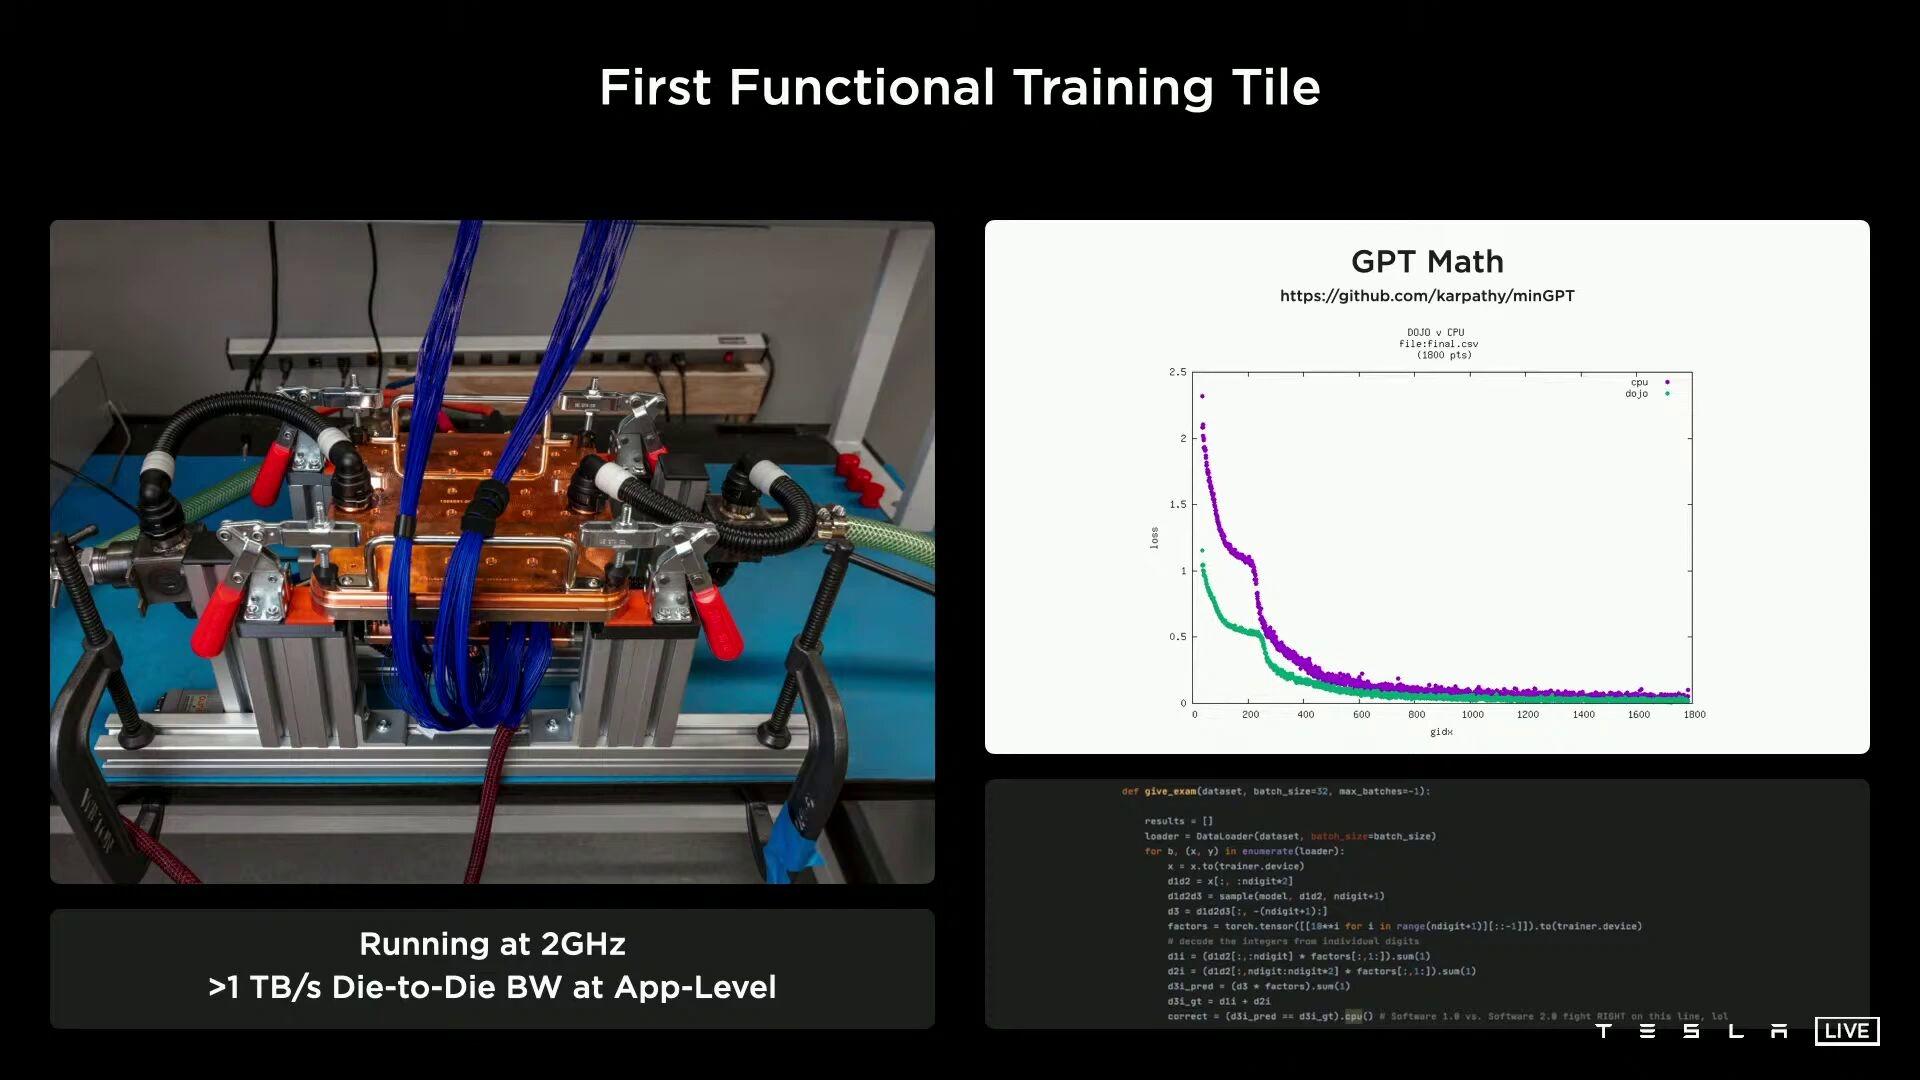 特斯拉D1 AI芯片细节盘点:500亿晶体管、400W热设计功耗